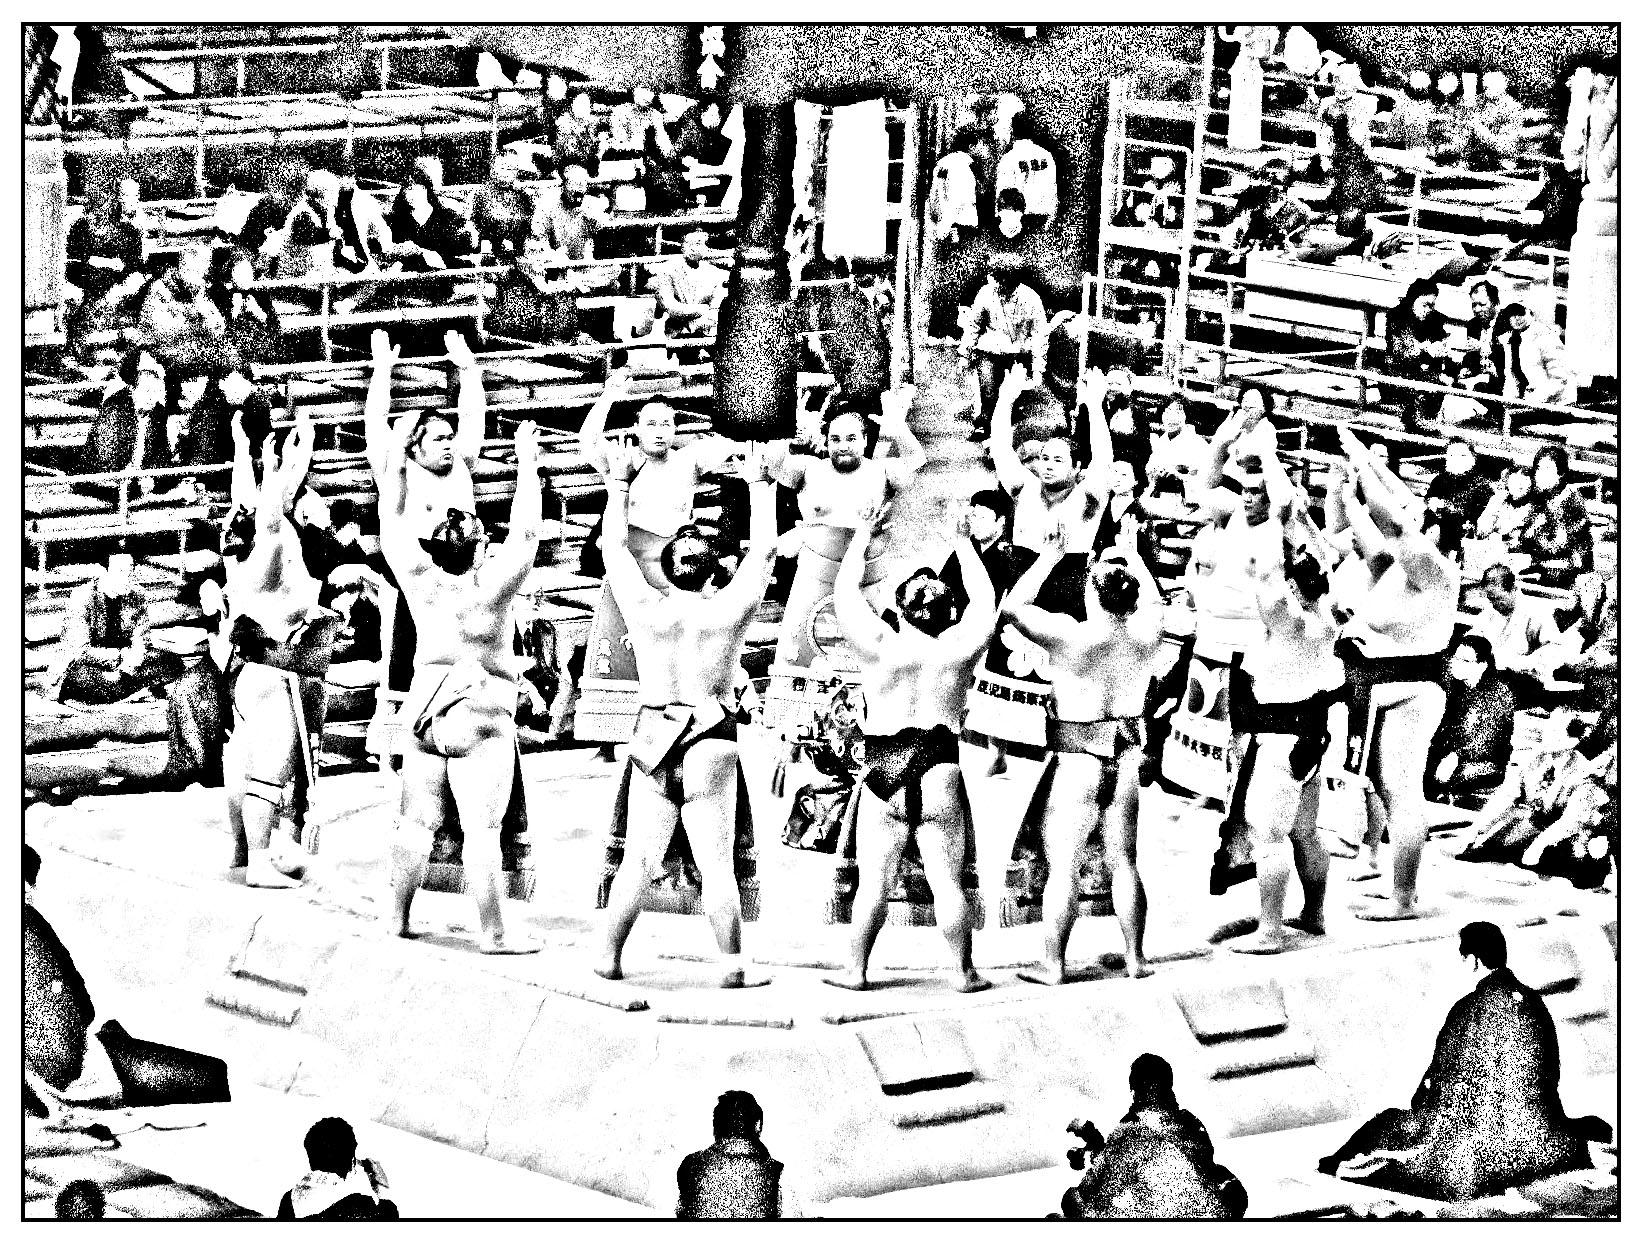 Coloriage de sumos réunis sur l'arène